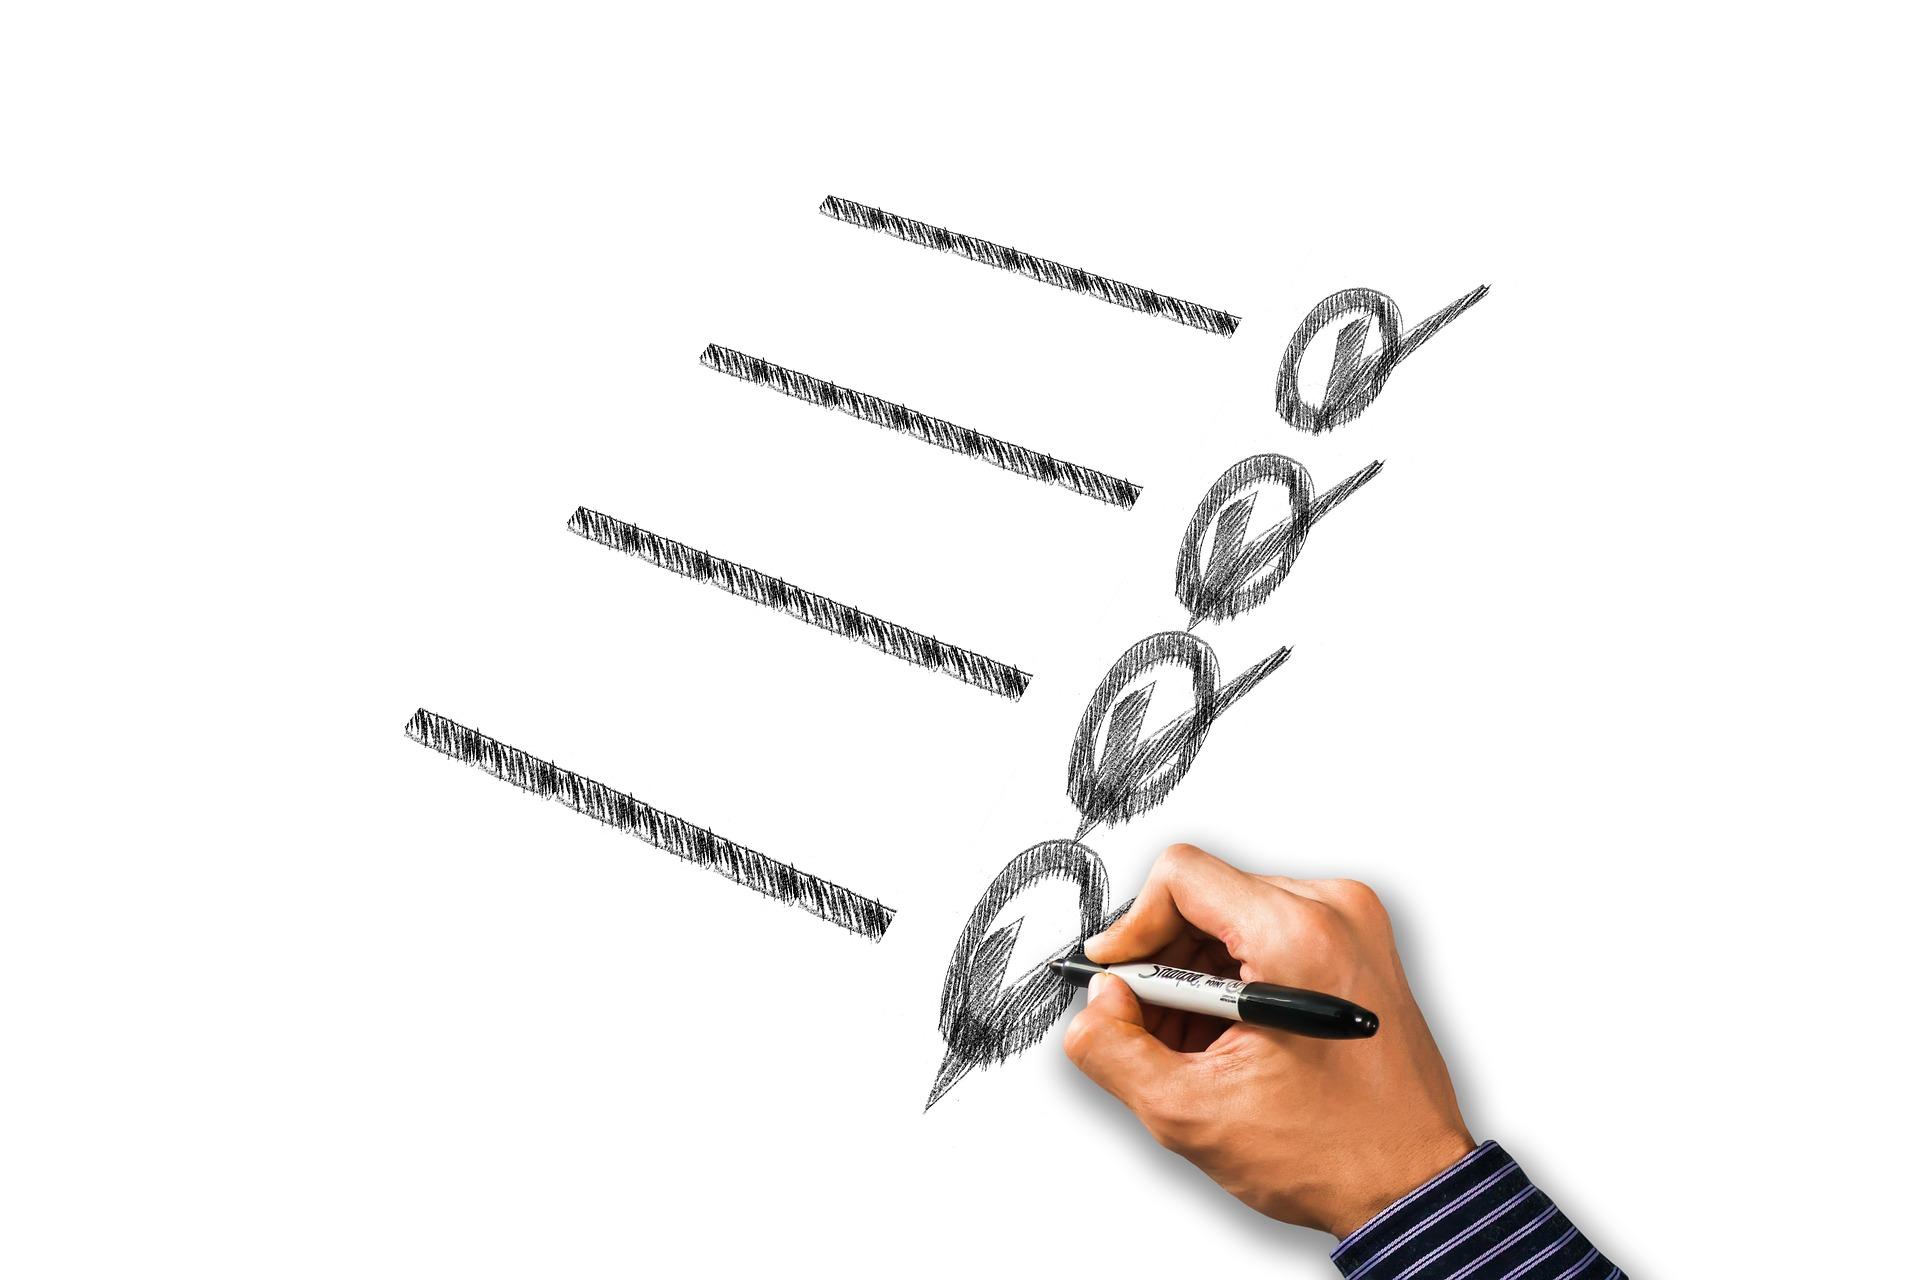 Los mejores blogs de finanzas